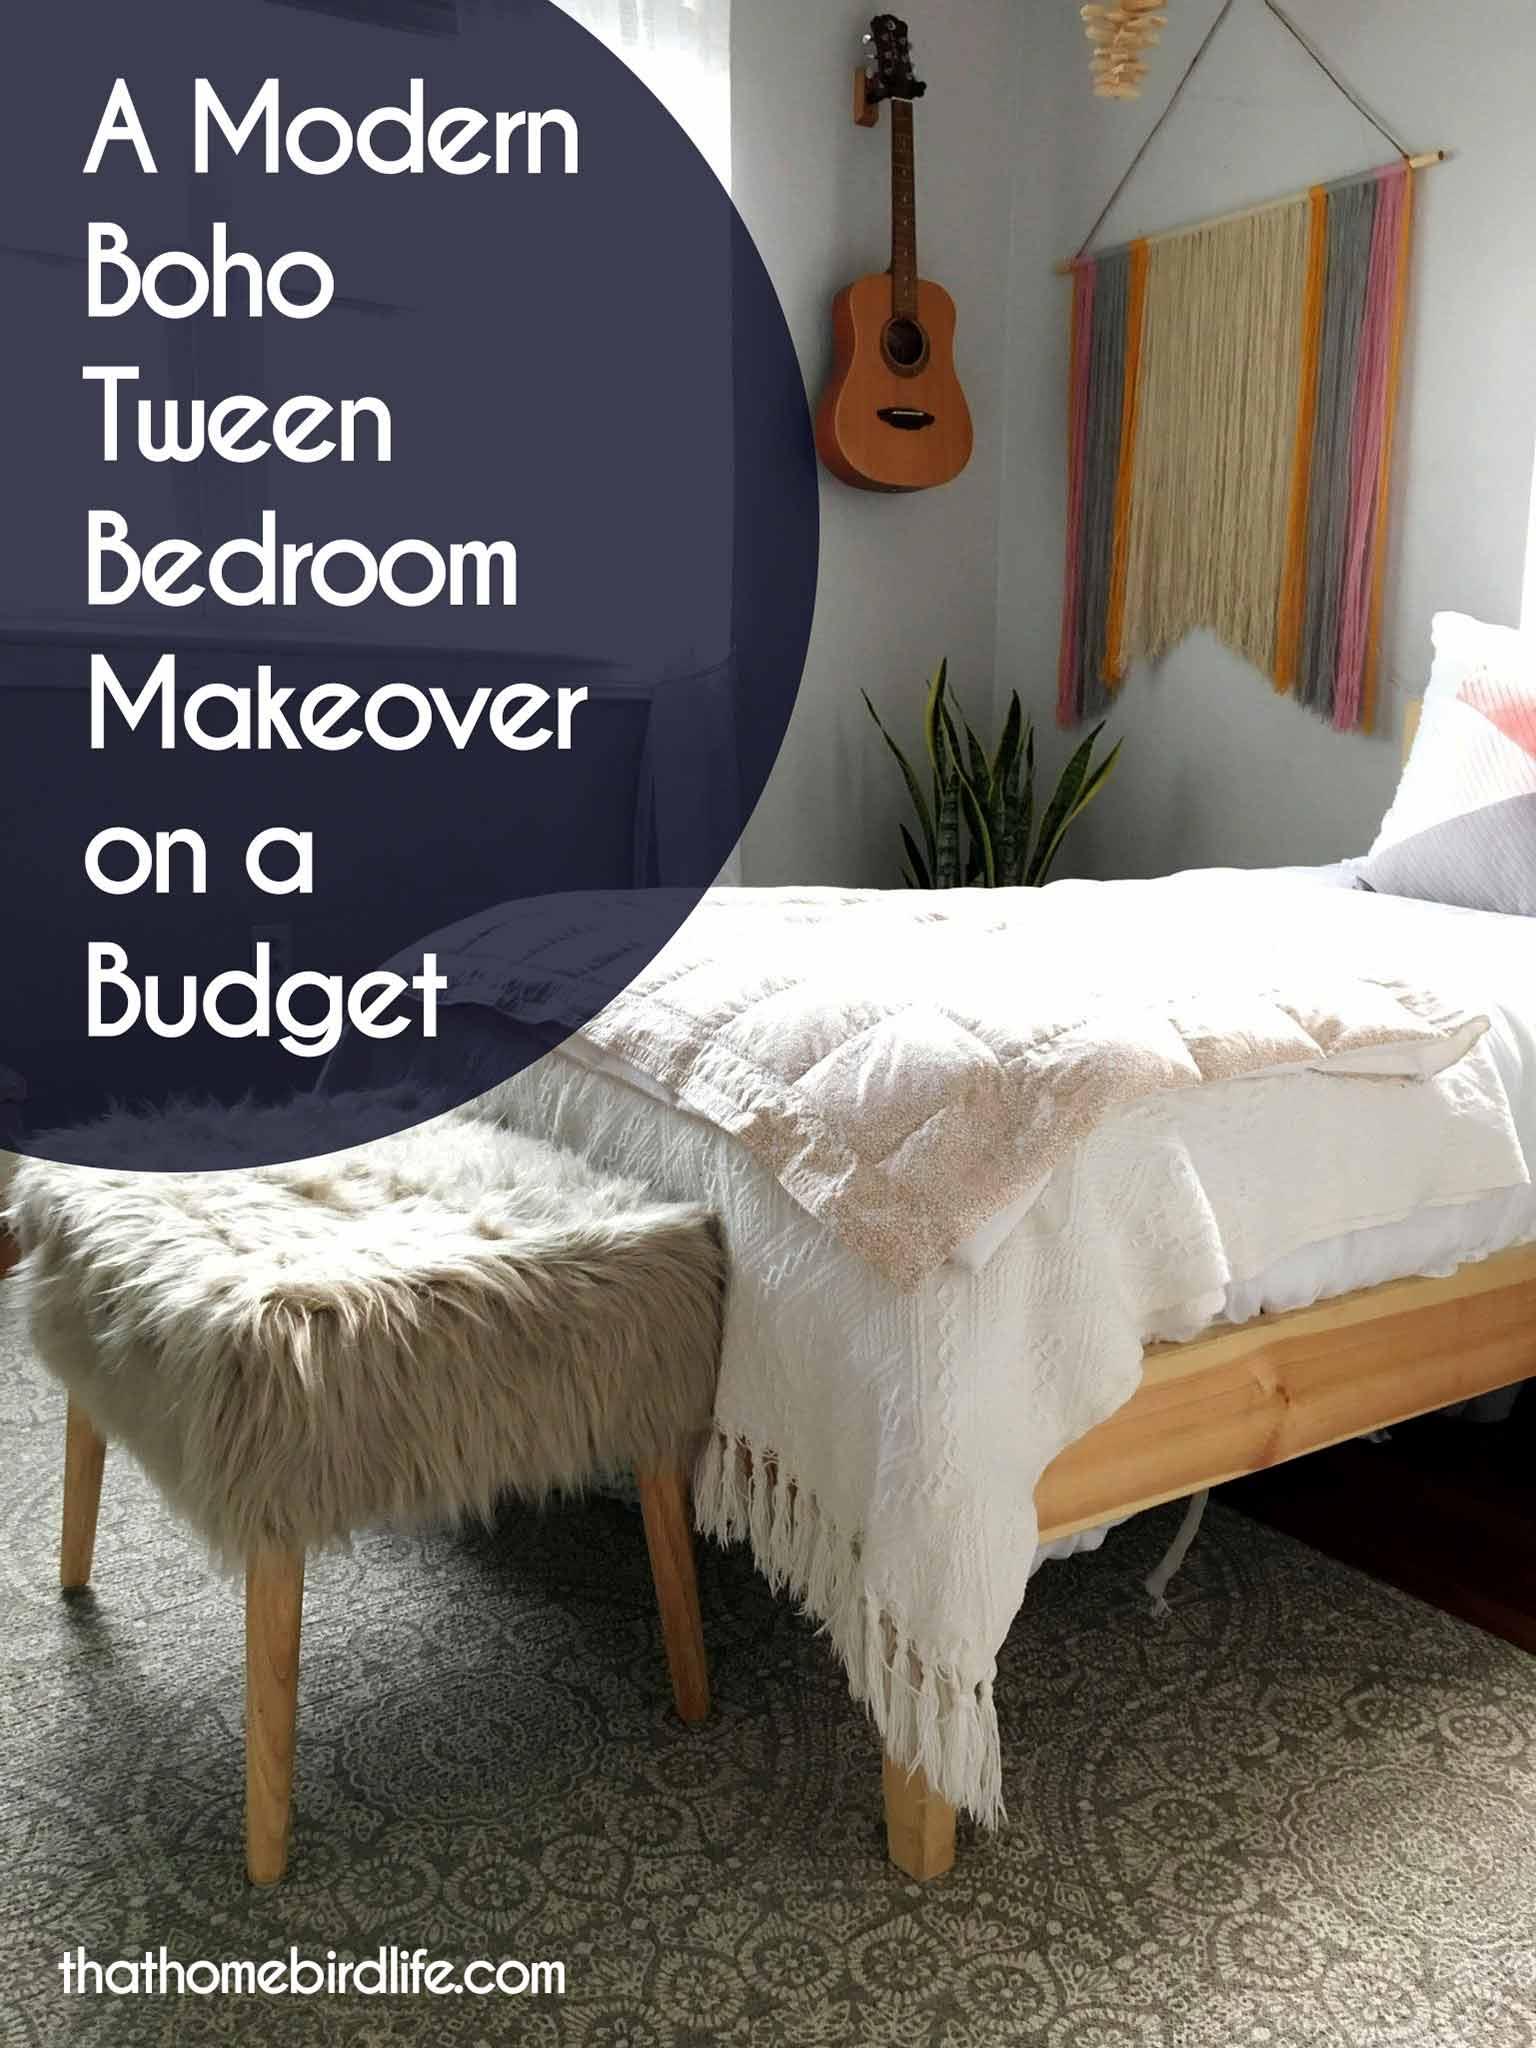 A Modern Boho Tween Bedroom Makeover on a Budget | That ... on Boho Bedroom Ideas On A Budget  id=83270